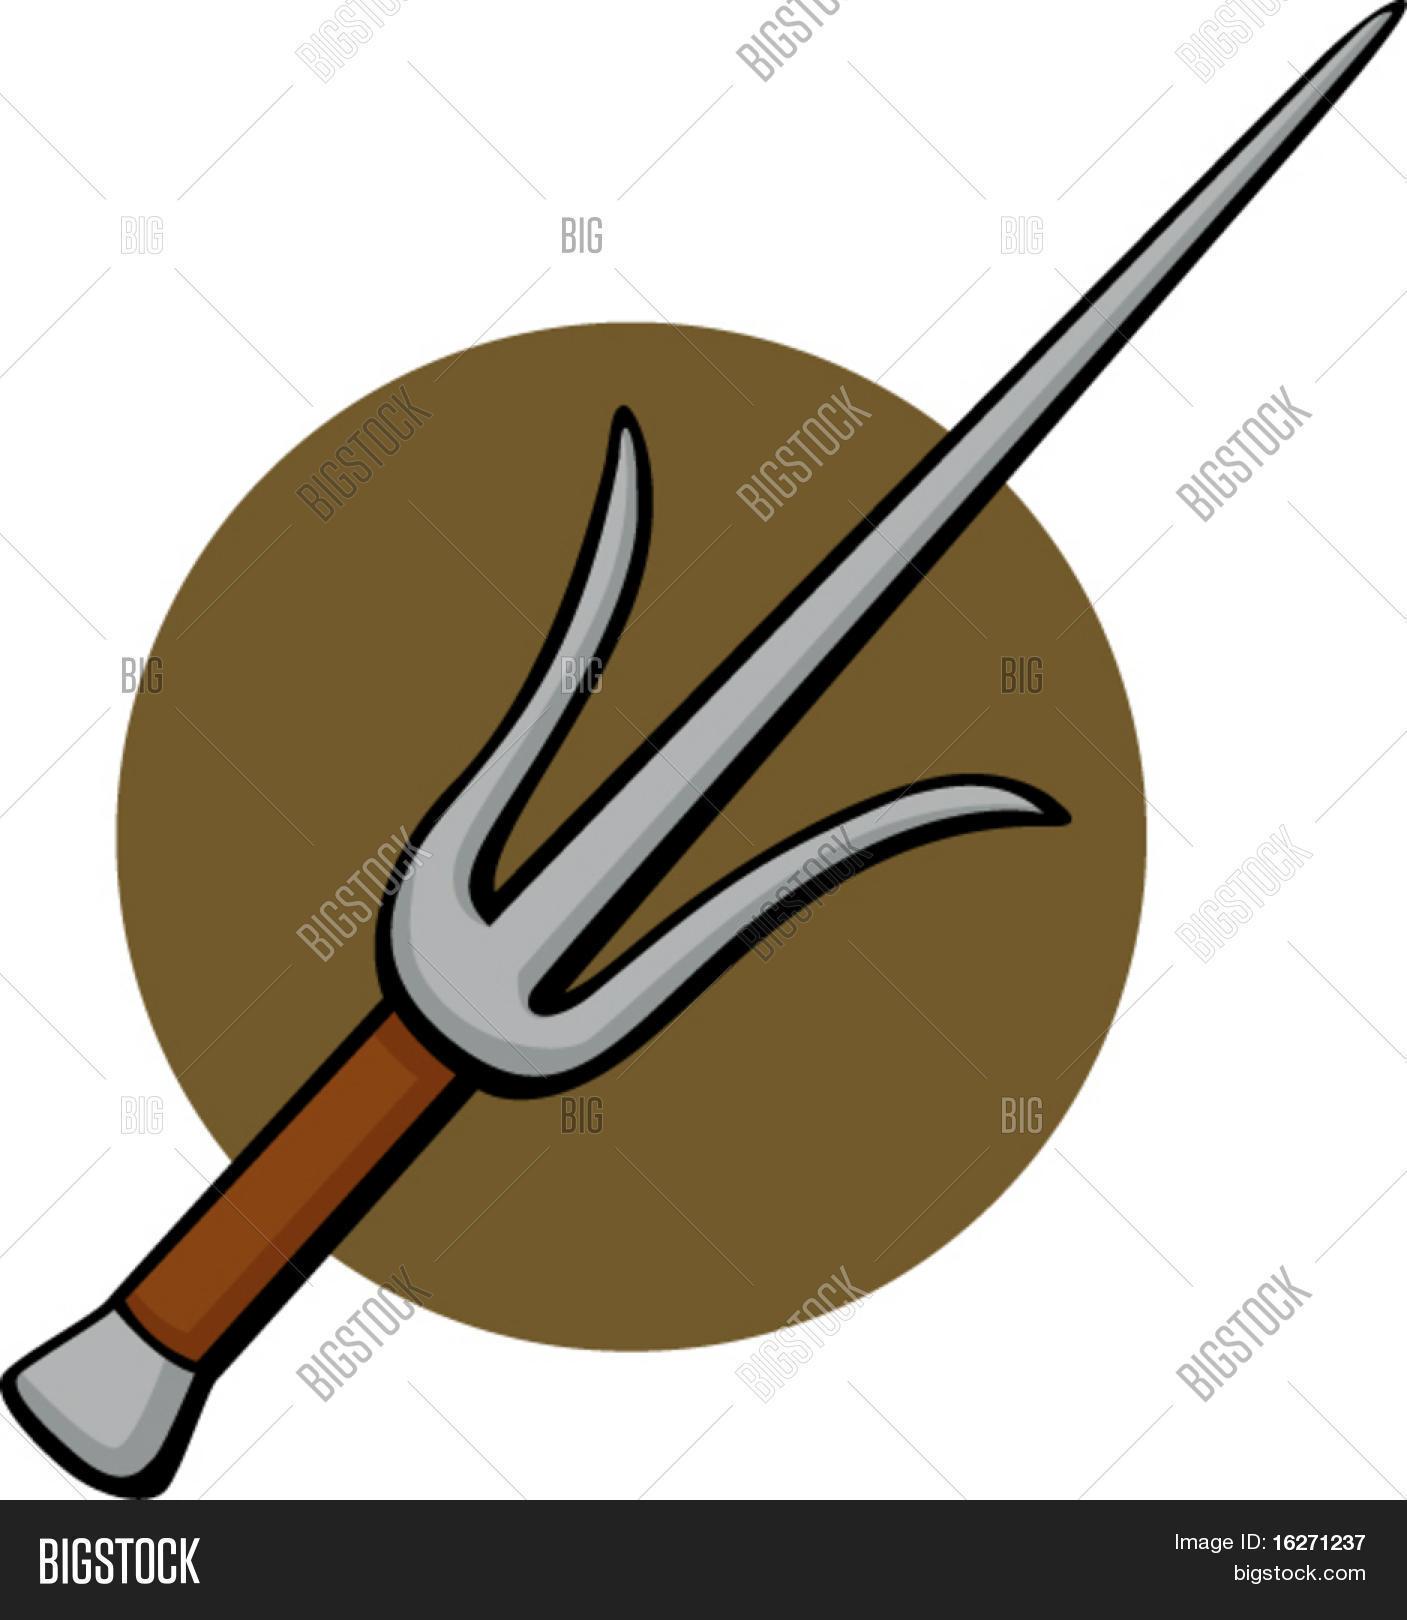 🔥 sai weapon